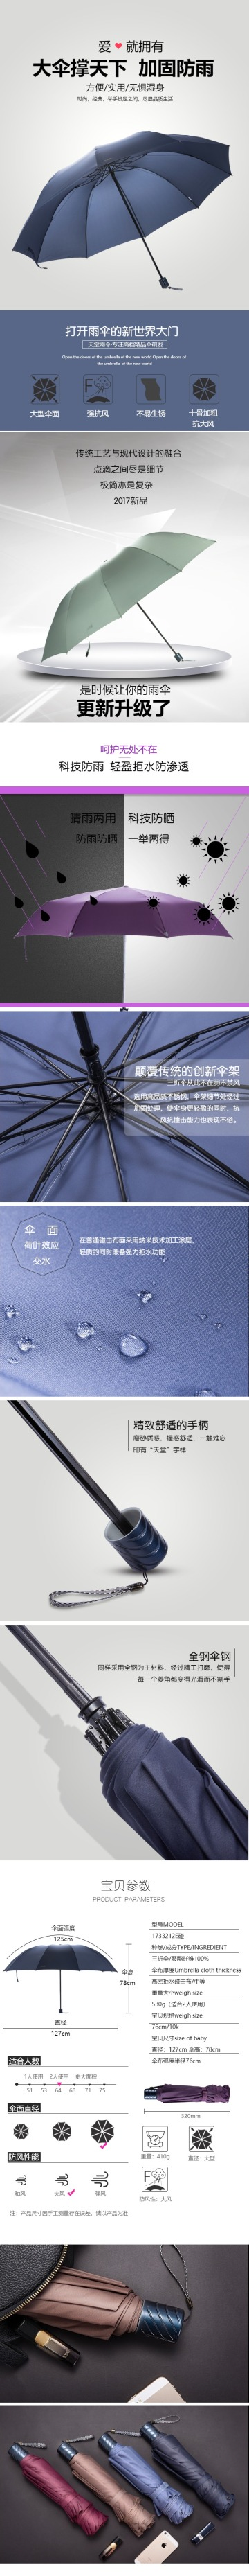 扁平简约百货零售家居生活雨伞促销电商详情页